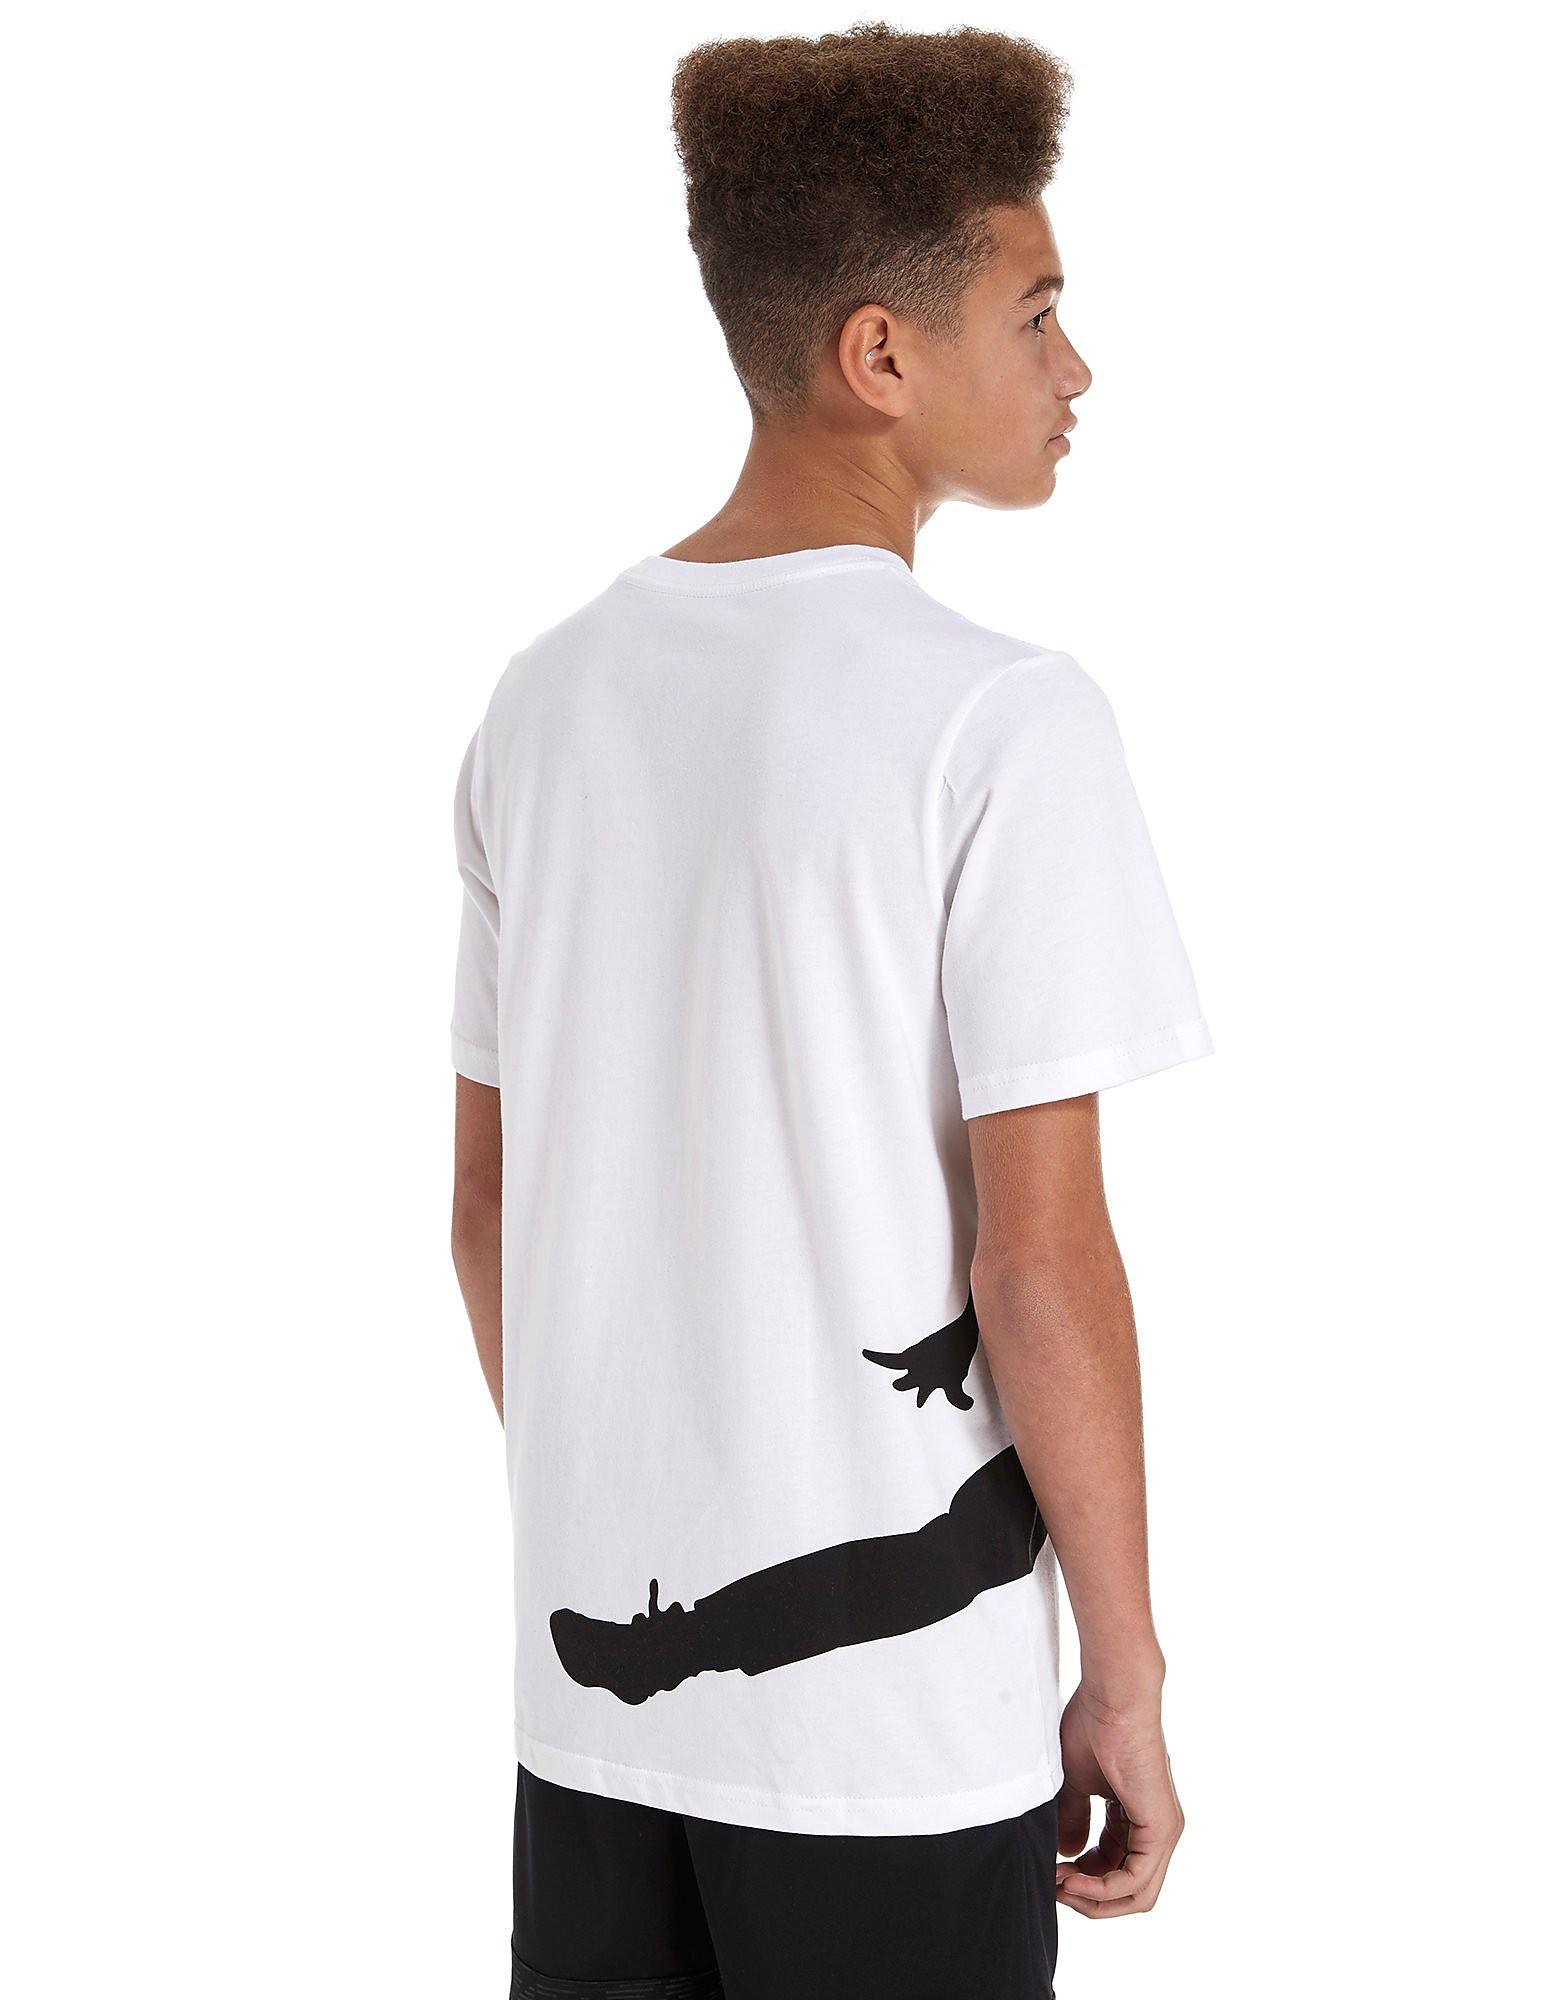 Jordan Jumbo Jumpman T-Shirt Junior